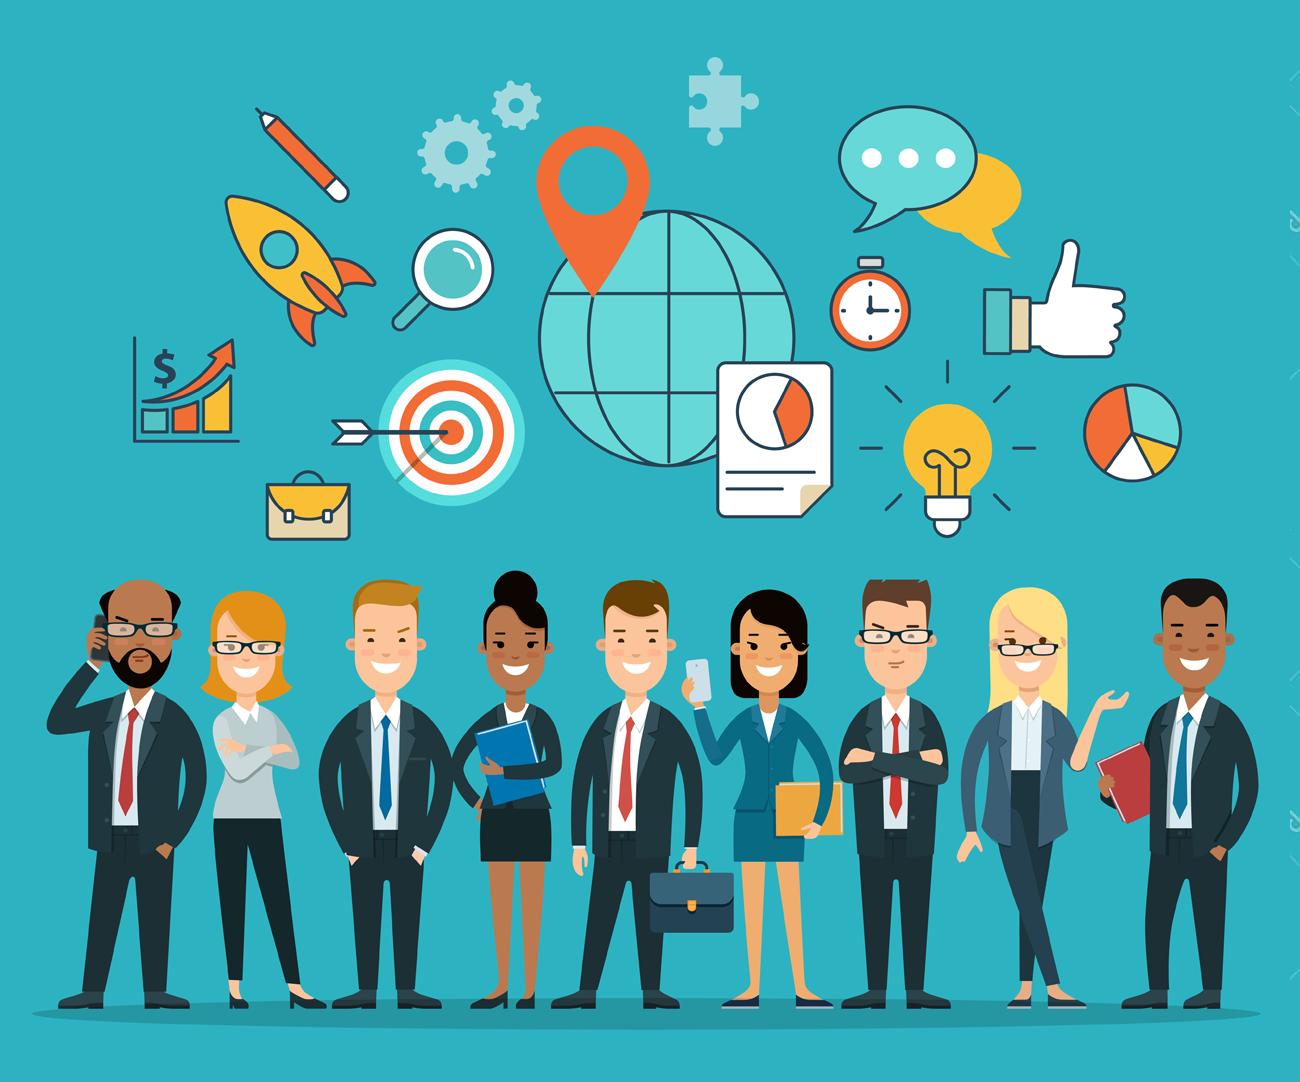 kỹ năng kinh doanh Tại sao nhiều người chọn ngành kinh doanh